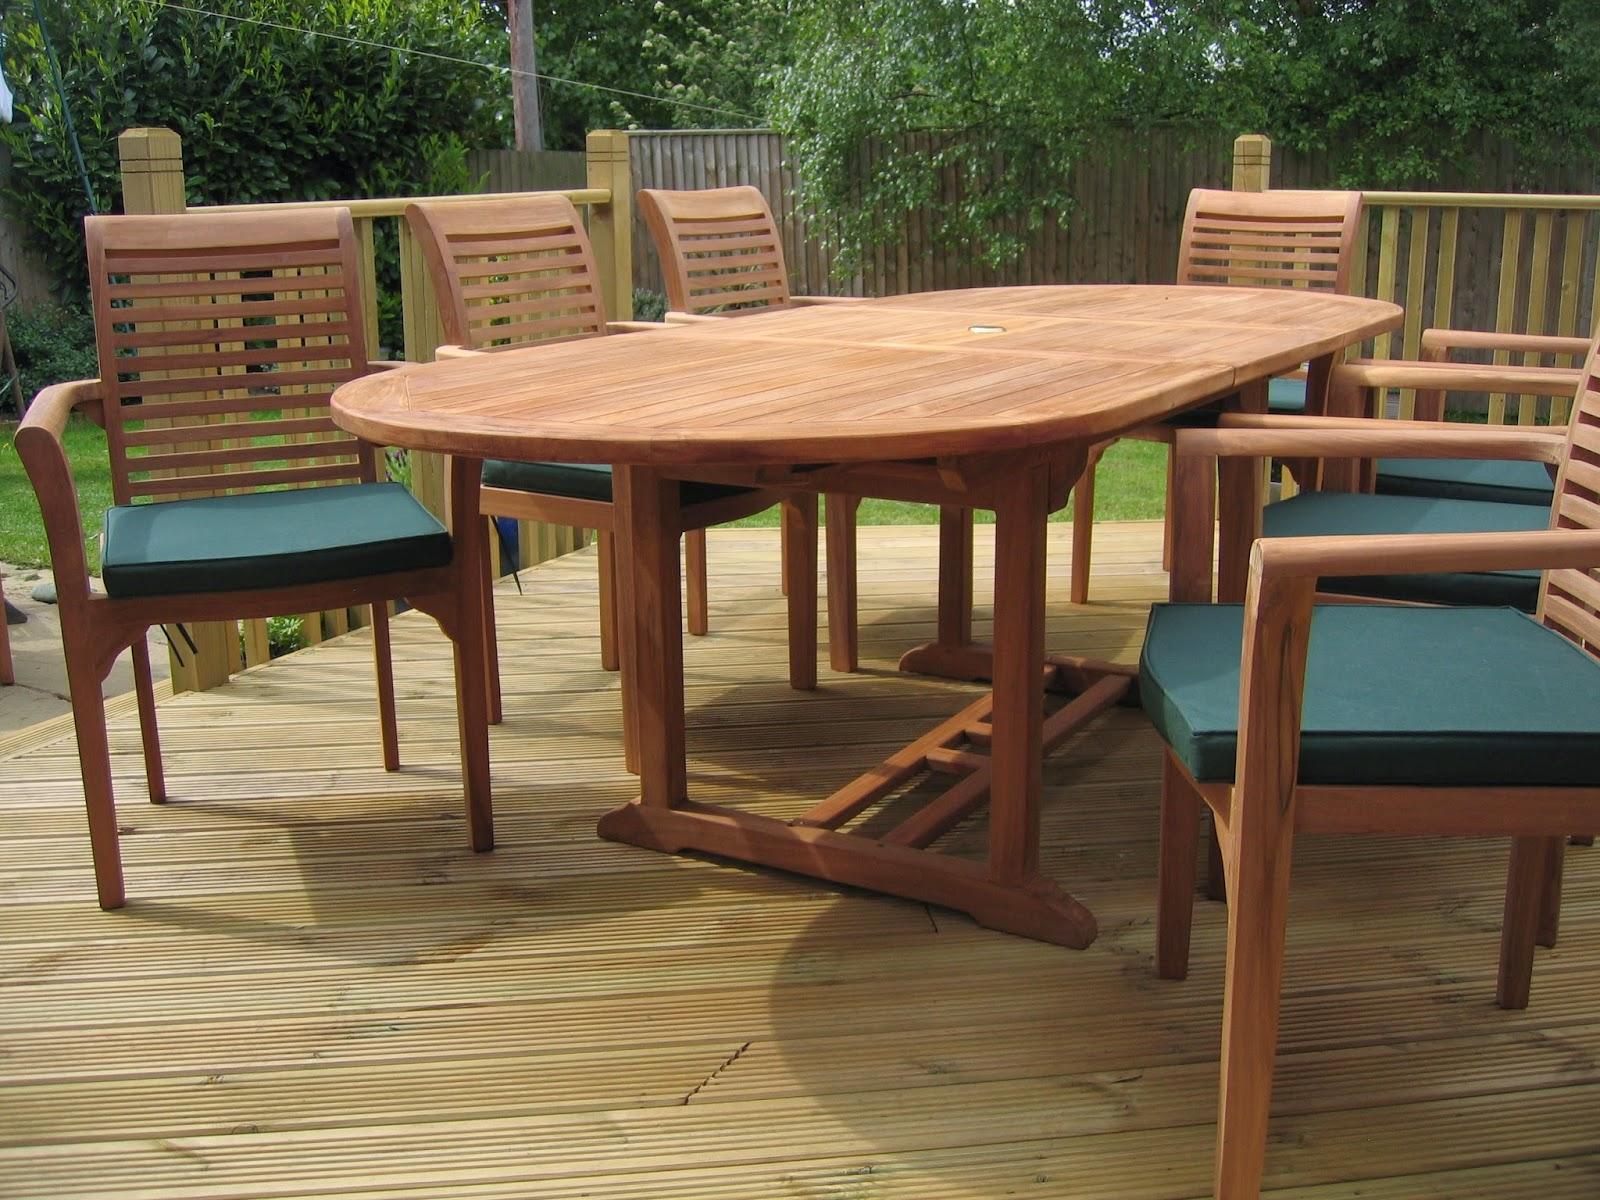 Estores y toldos como cuidar de los muebles de jardin for Muebles de jardin milanuncios